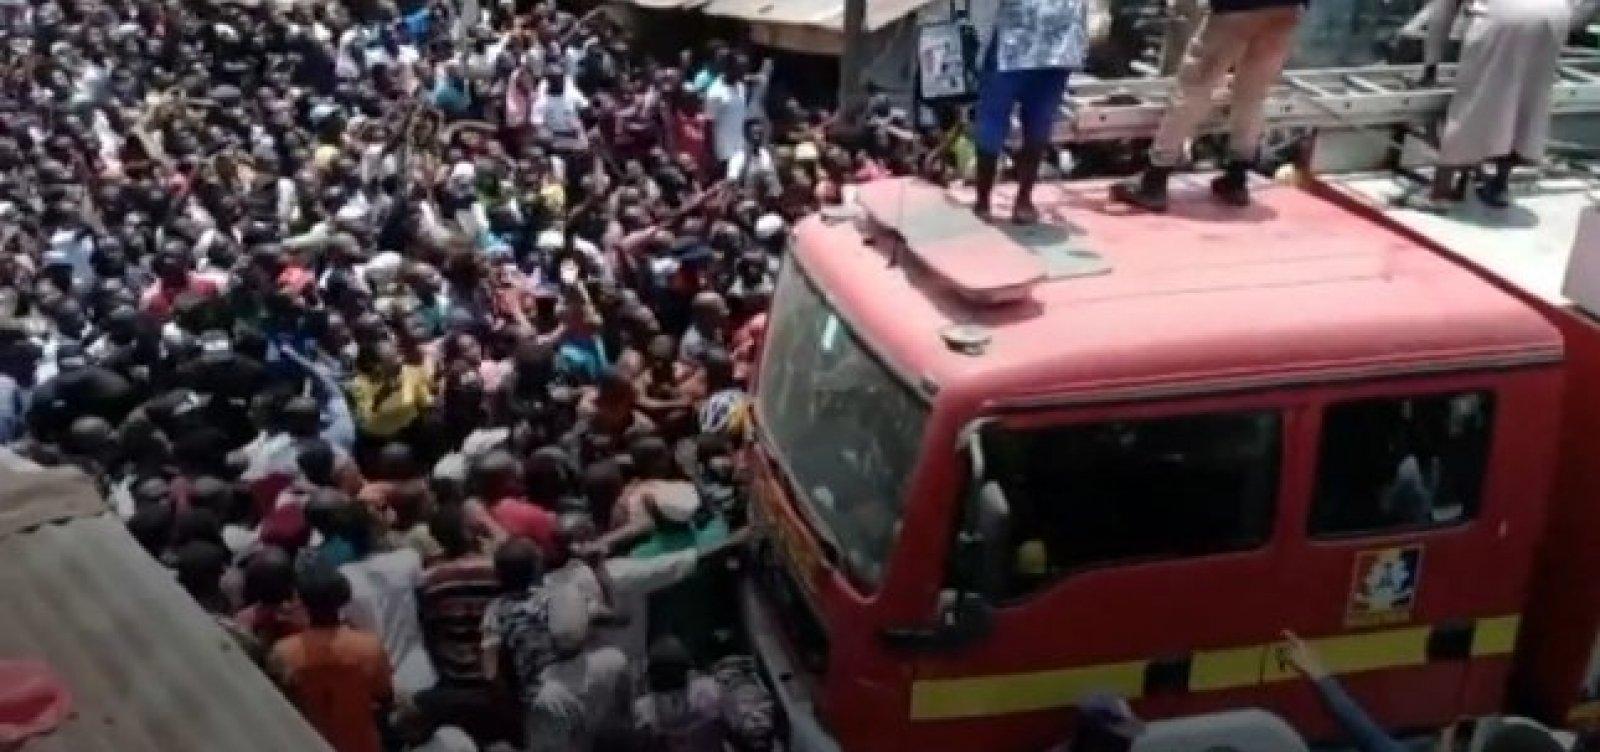 [Crianças ficam soterradas após desabamento de escola na Nigéria]